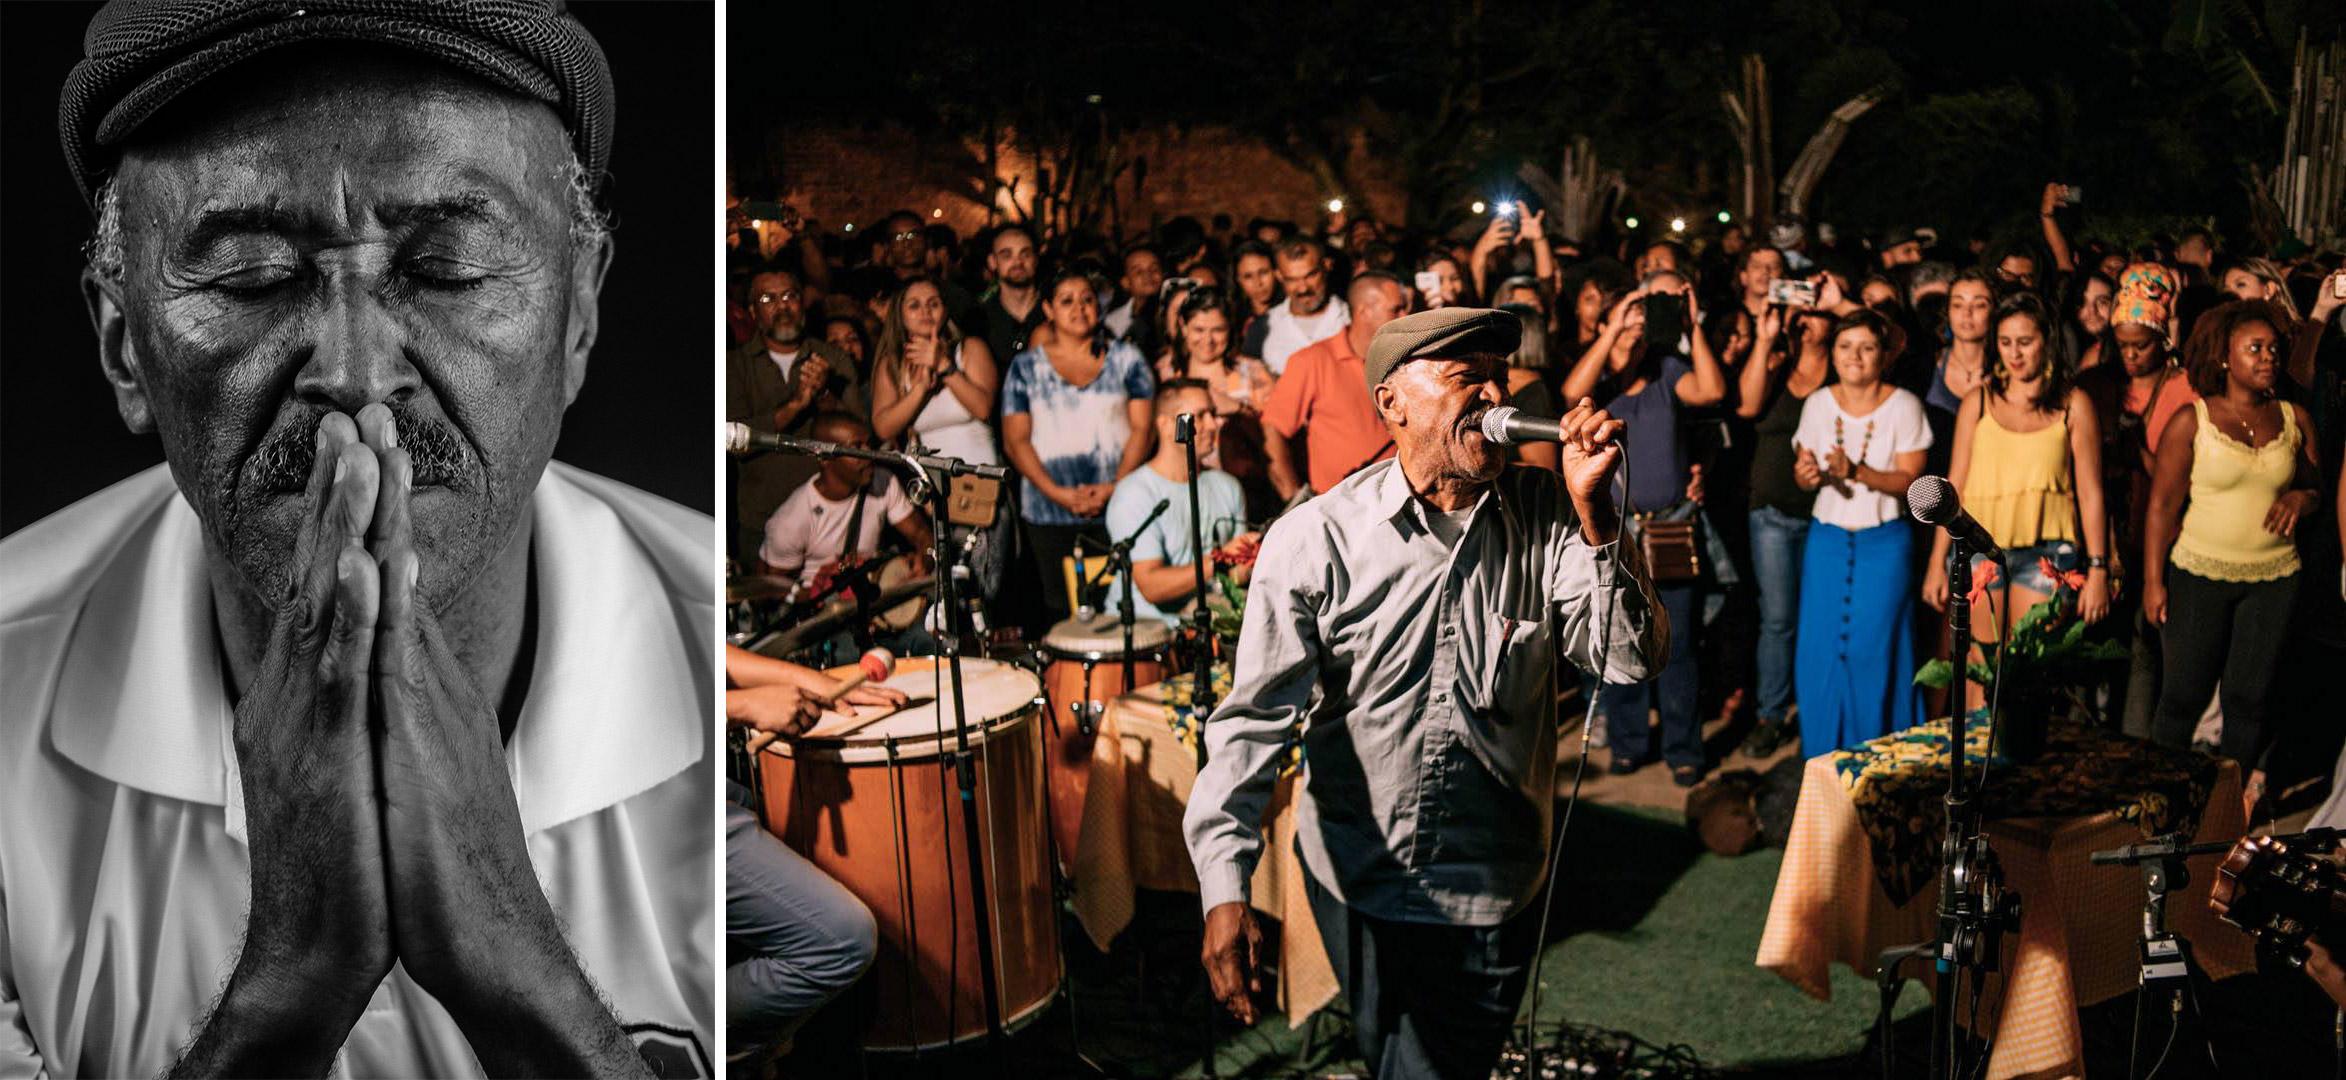 Toinho Melodia / Merylin Esposi / fotografia. Uma nova geração acompanha o trabalho de Toinho Melodia